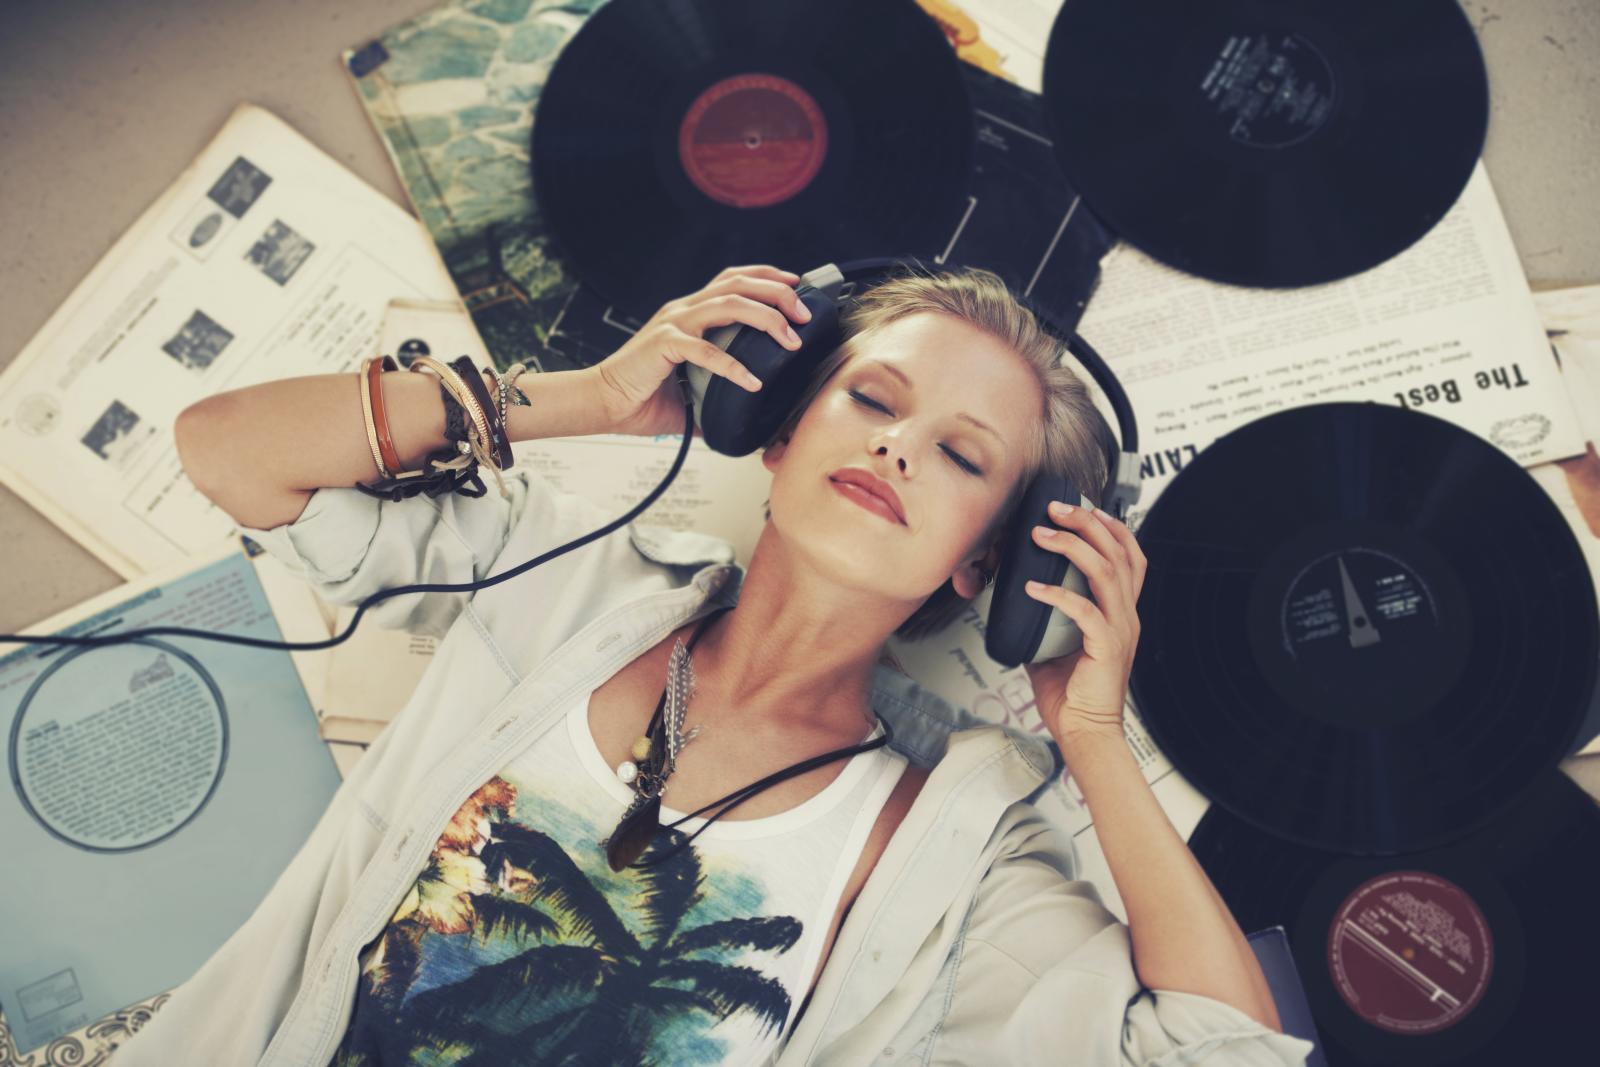 Ako vam se čini kao da su vam na ušima cijelo vrijeme slušalice, vrijeme je za pregled...